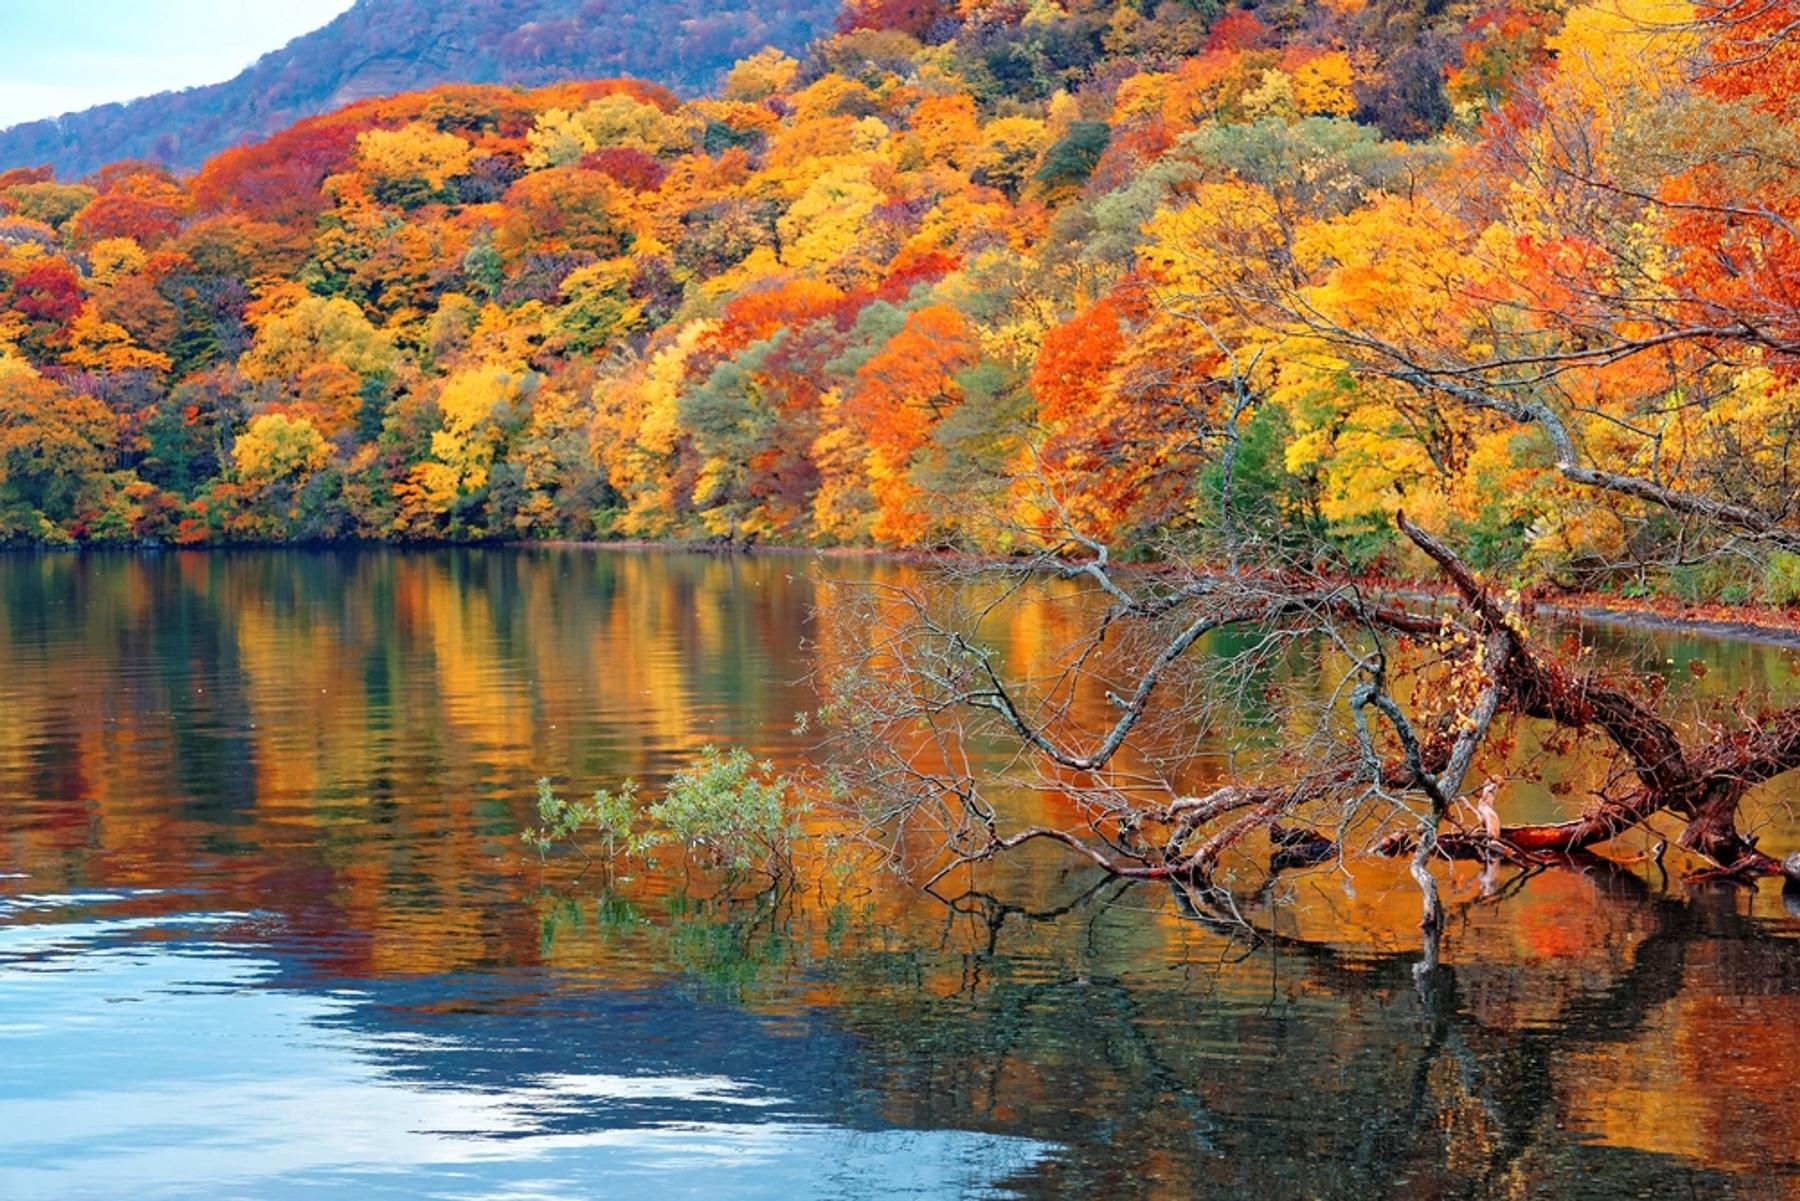 青森県 秋田県 秋の十和田湖の湖畔。紅葉した木々が湖に鏡のように映り込む